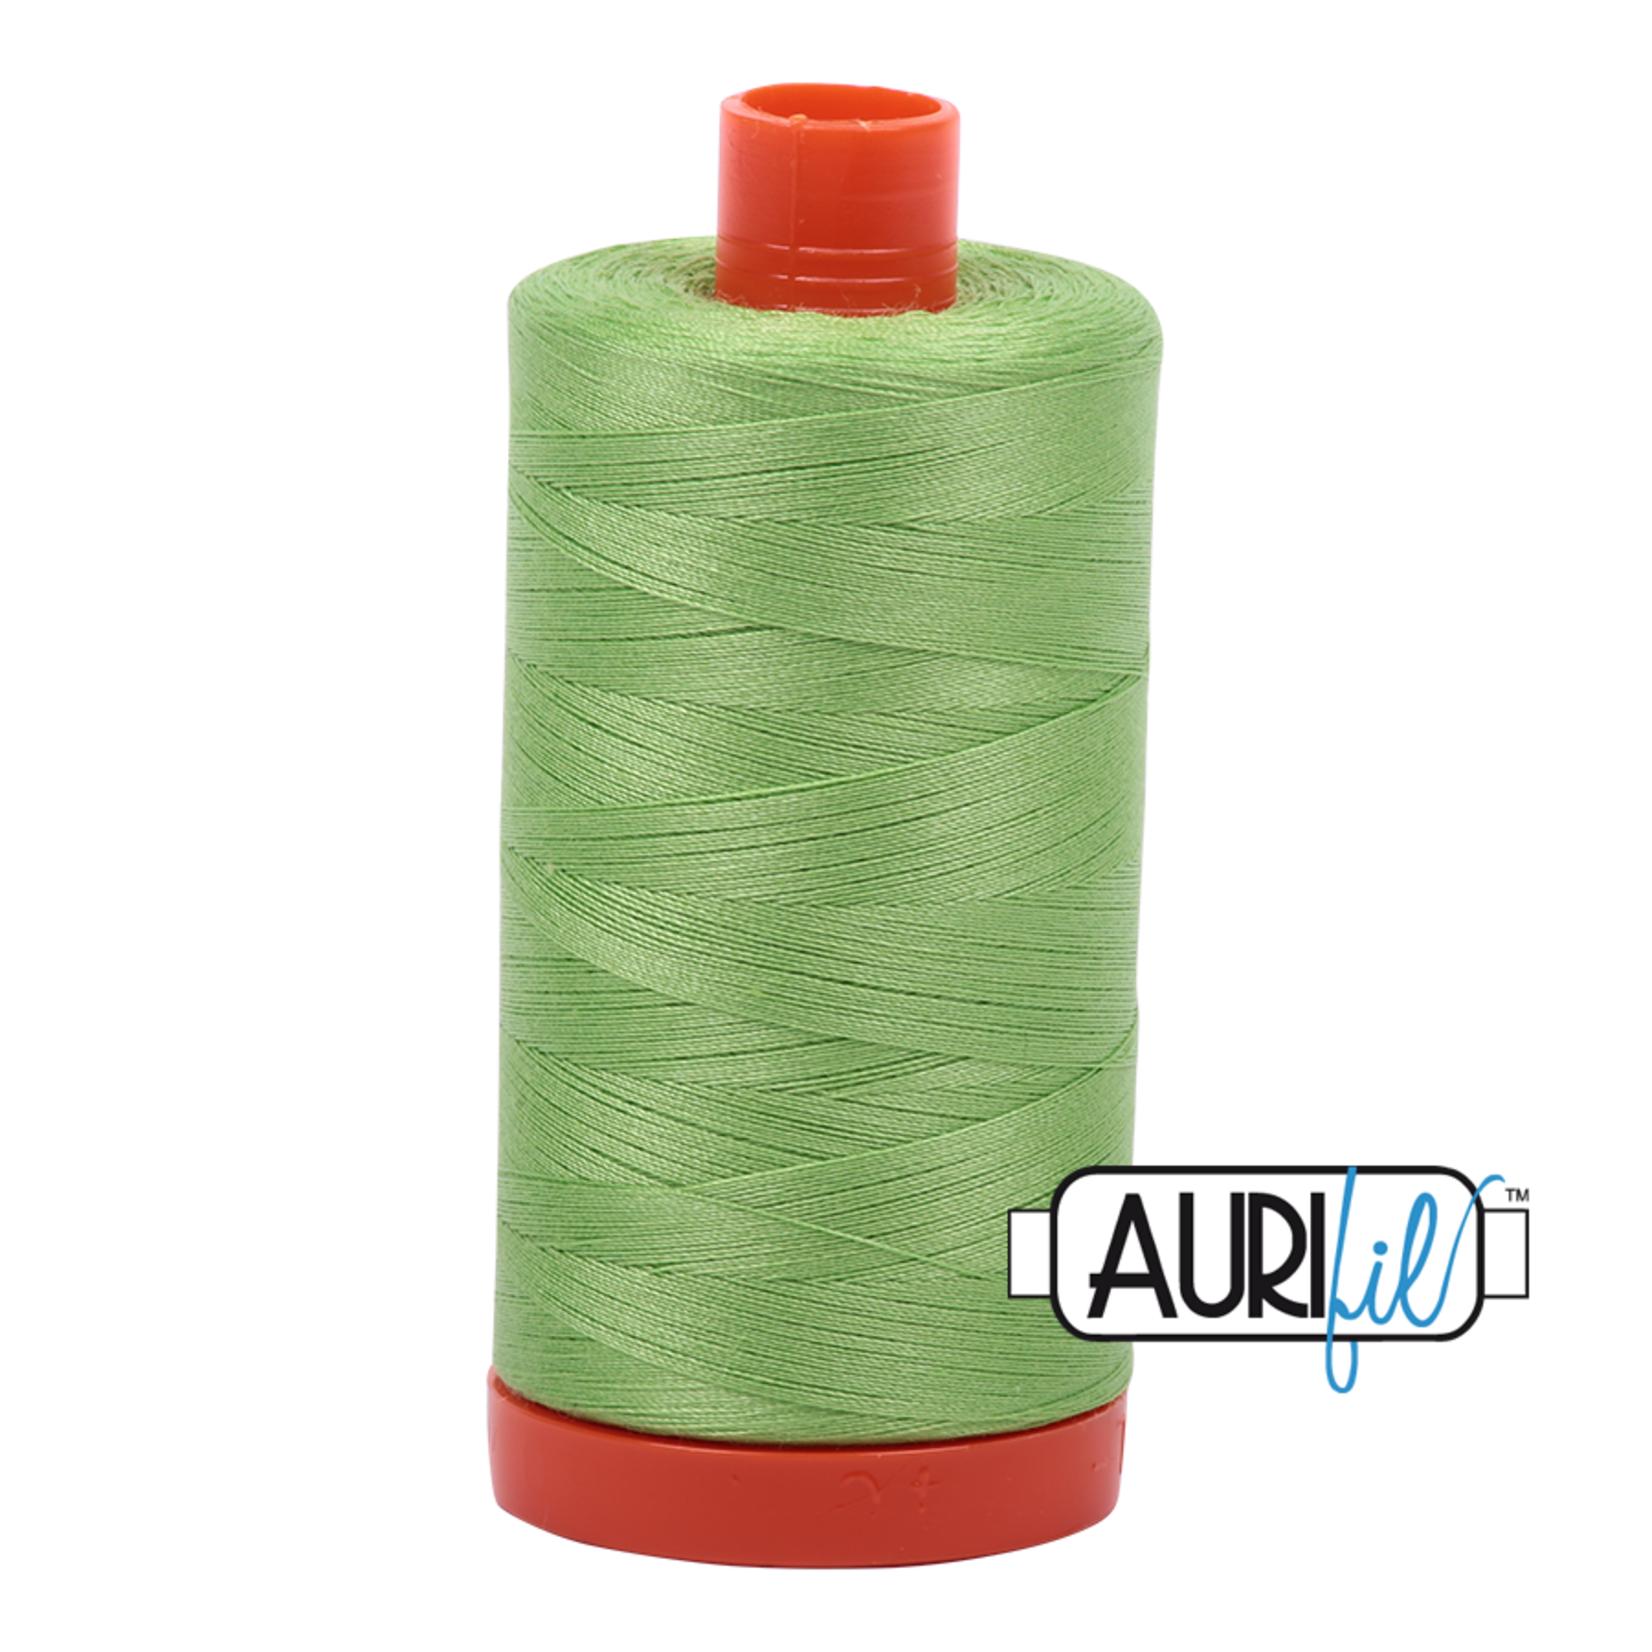 AURIFIL AURIFIL 50 WT Shining Green 5017